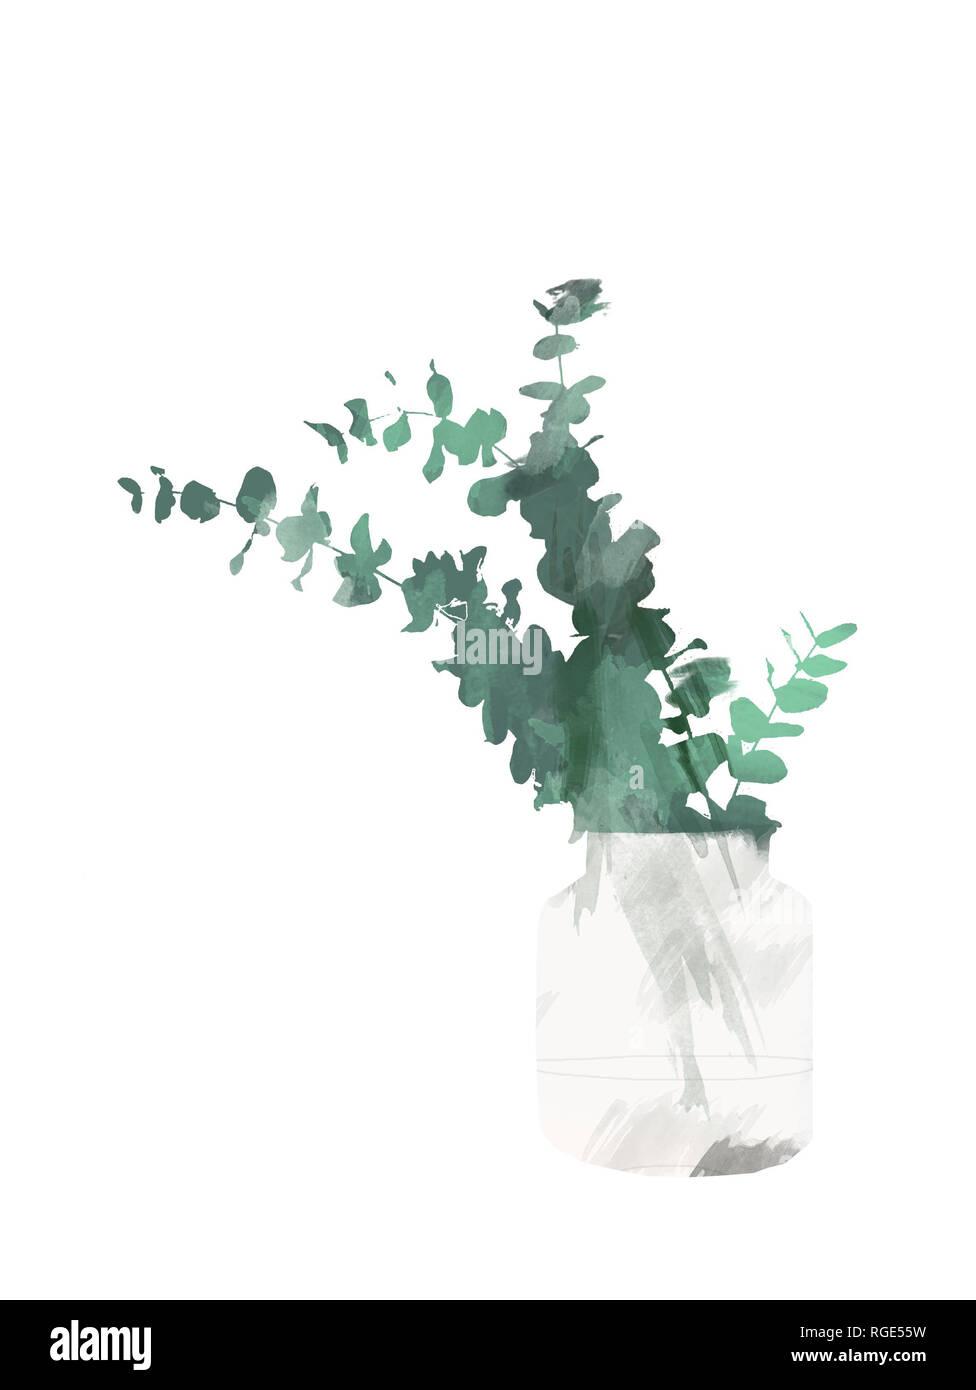 Pintados a mano de eucalipto en la botella o jarrón aislado sobre fondo blanco. Botánico Floral clip art para el diseño o la impresión - Ilustración acuarela Imagen De Stock